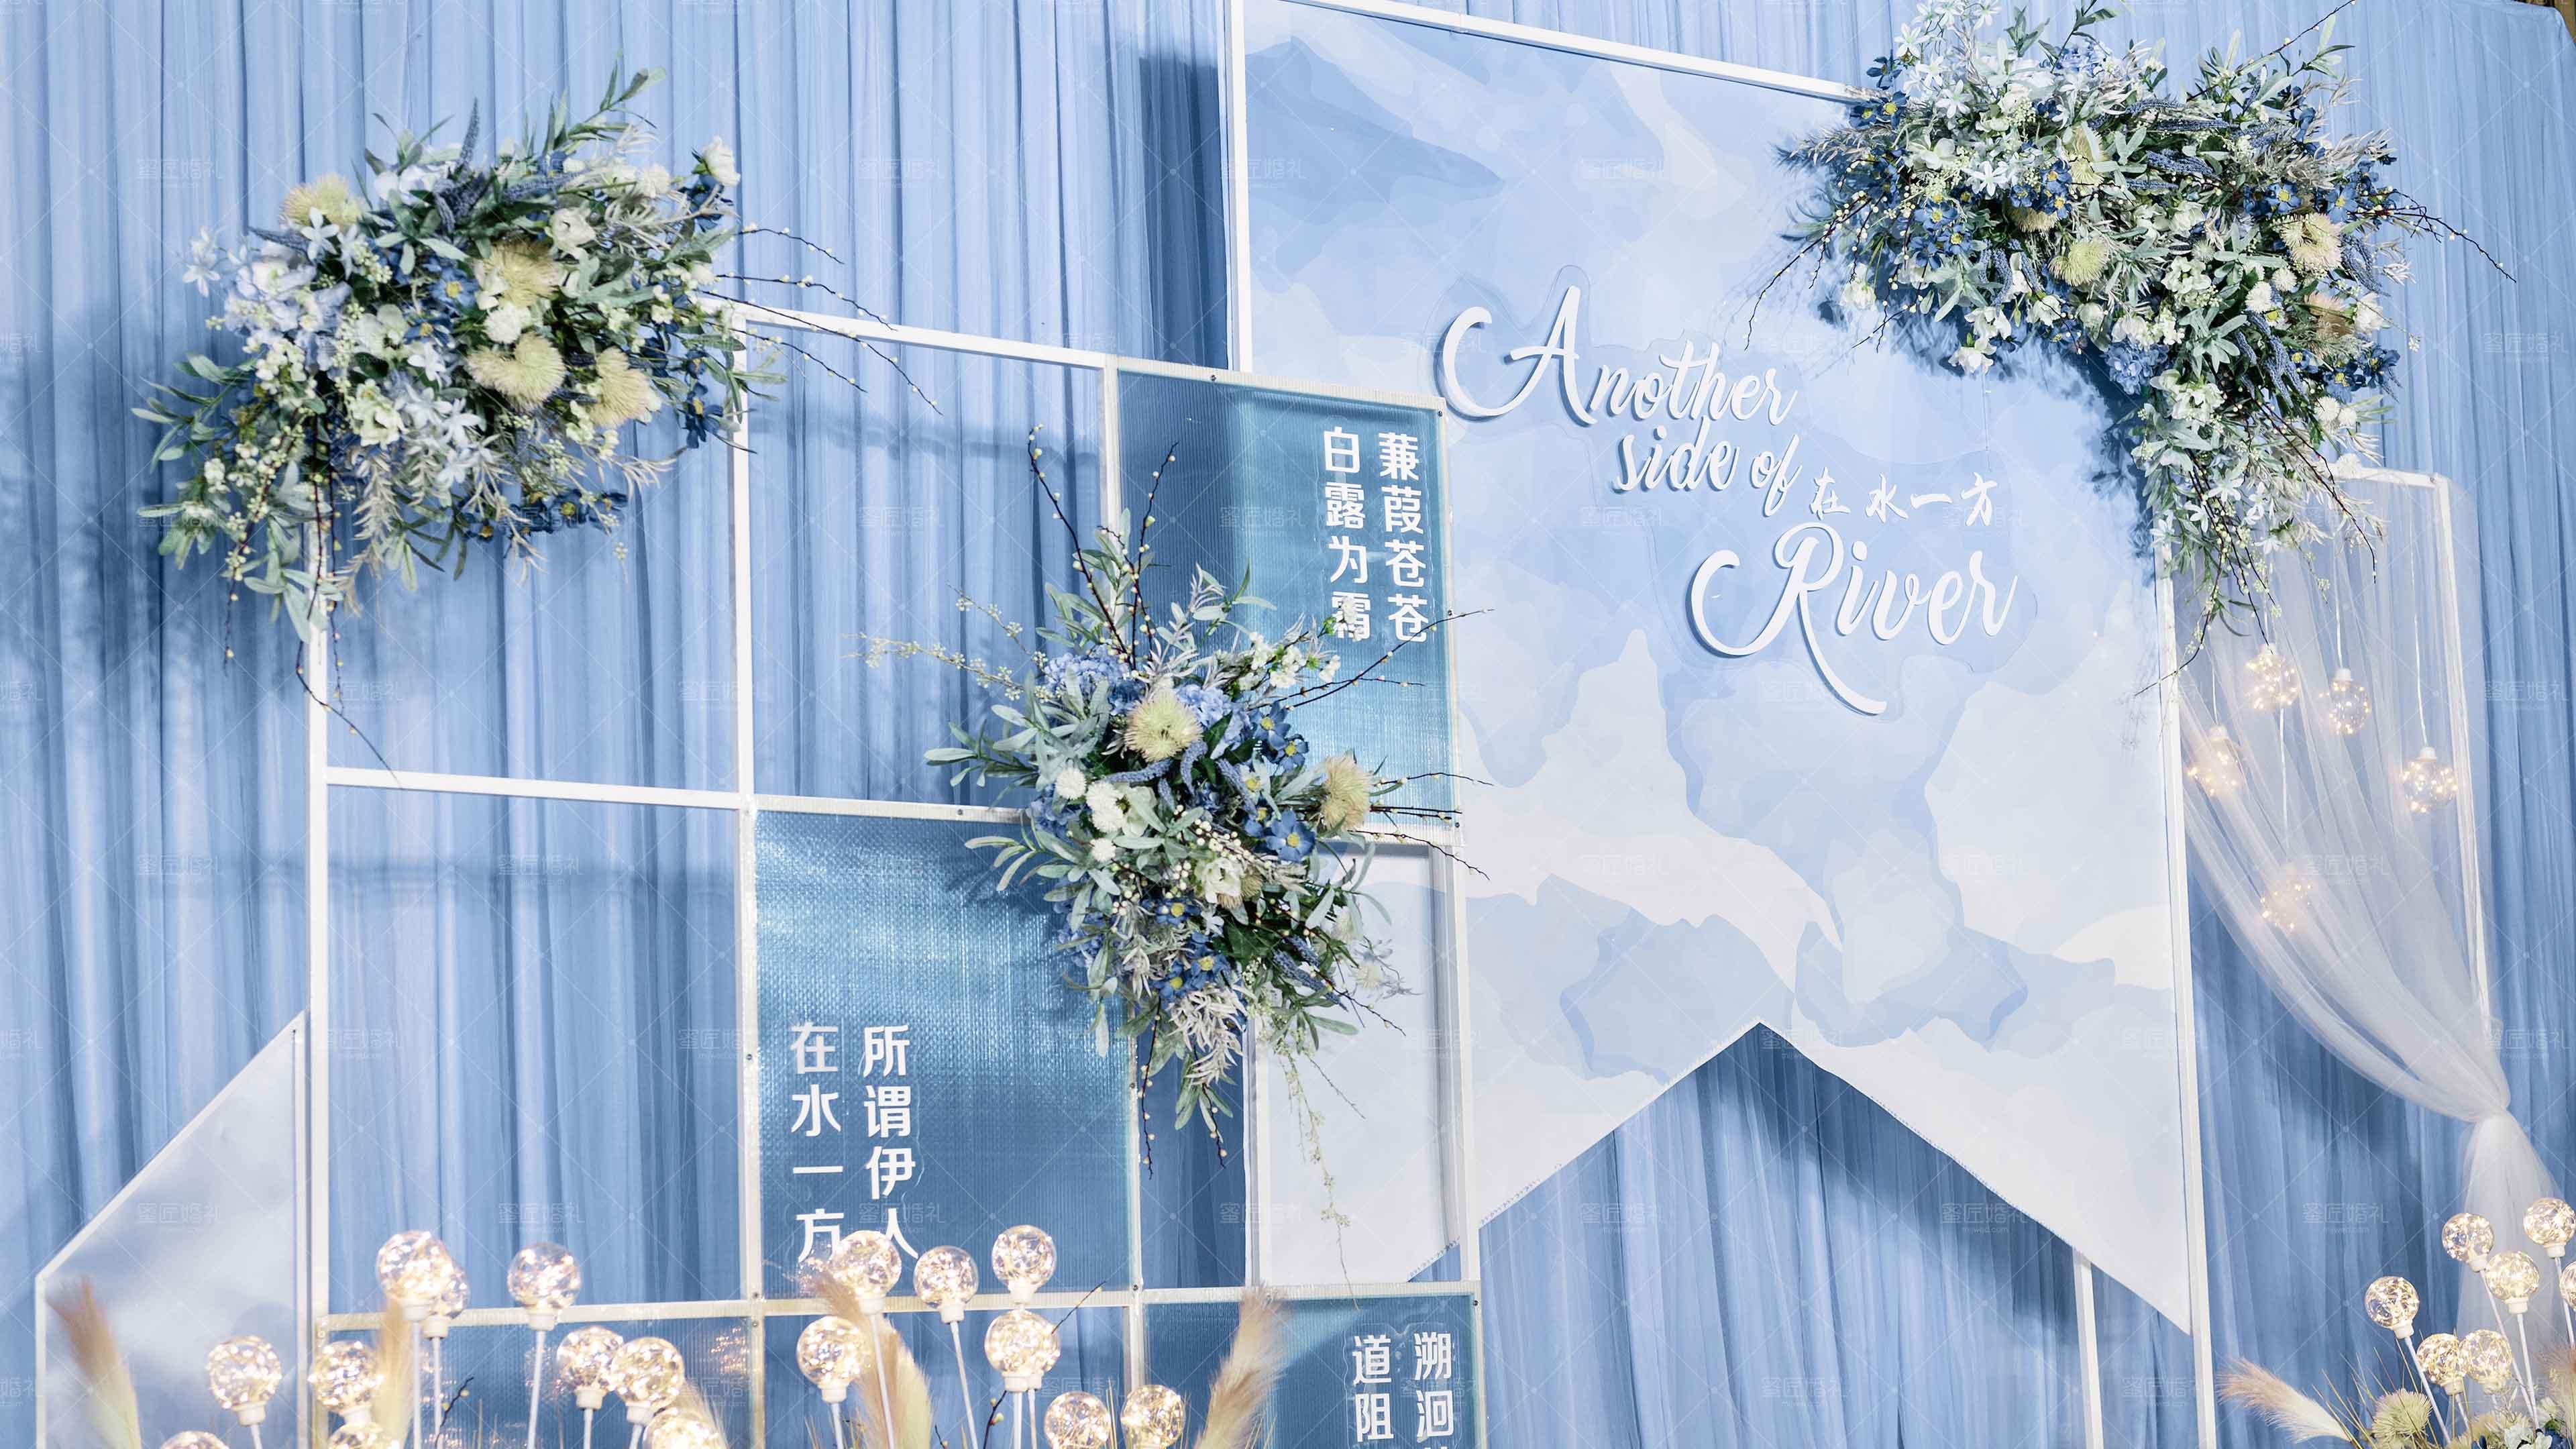 邓州浪漫的婚礼如何布置